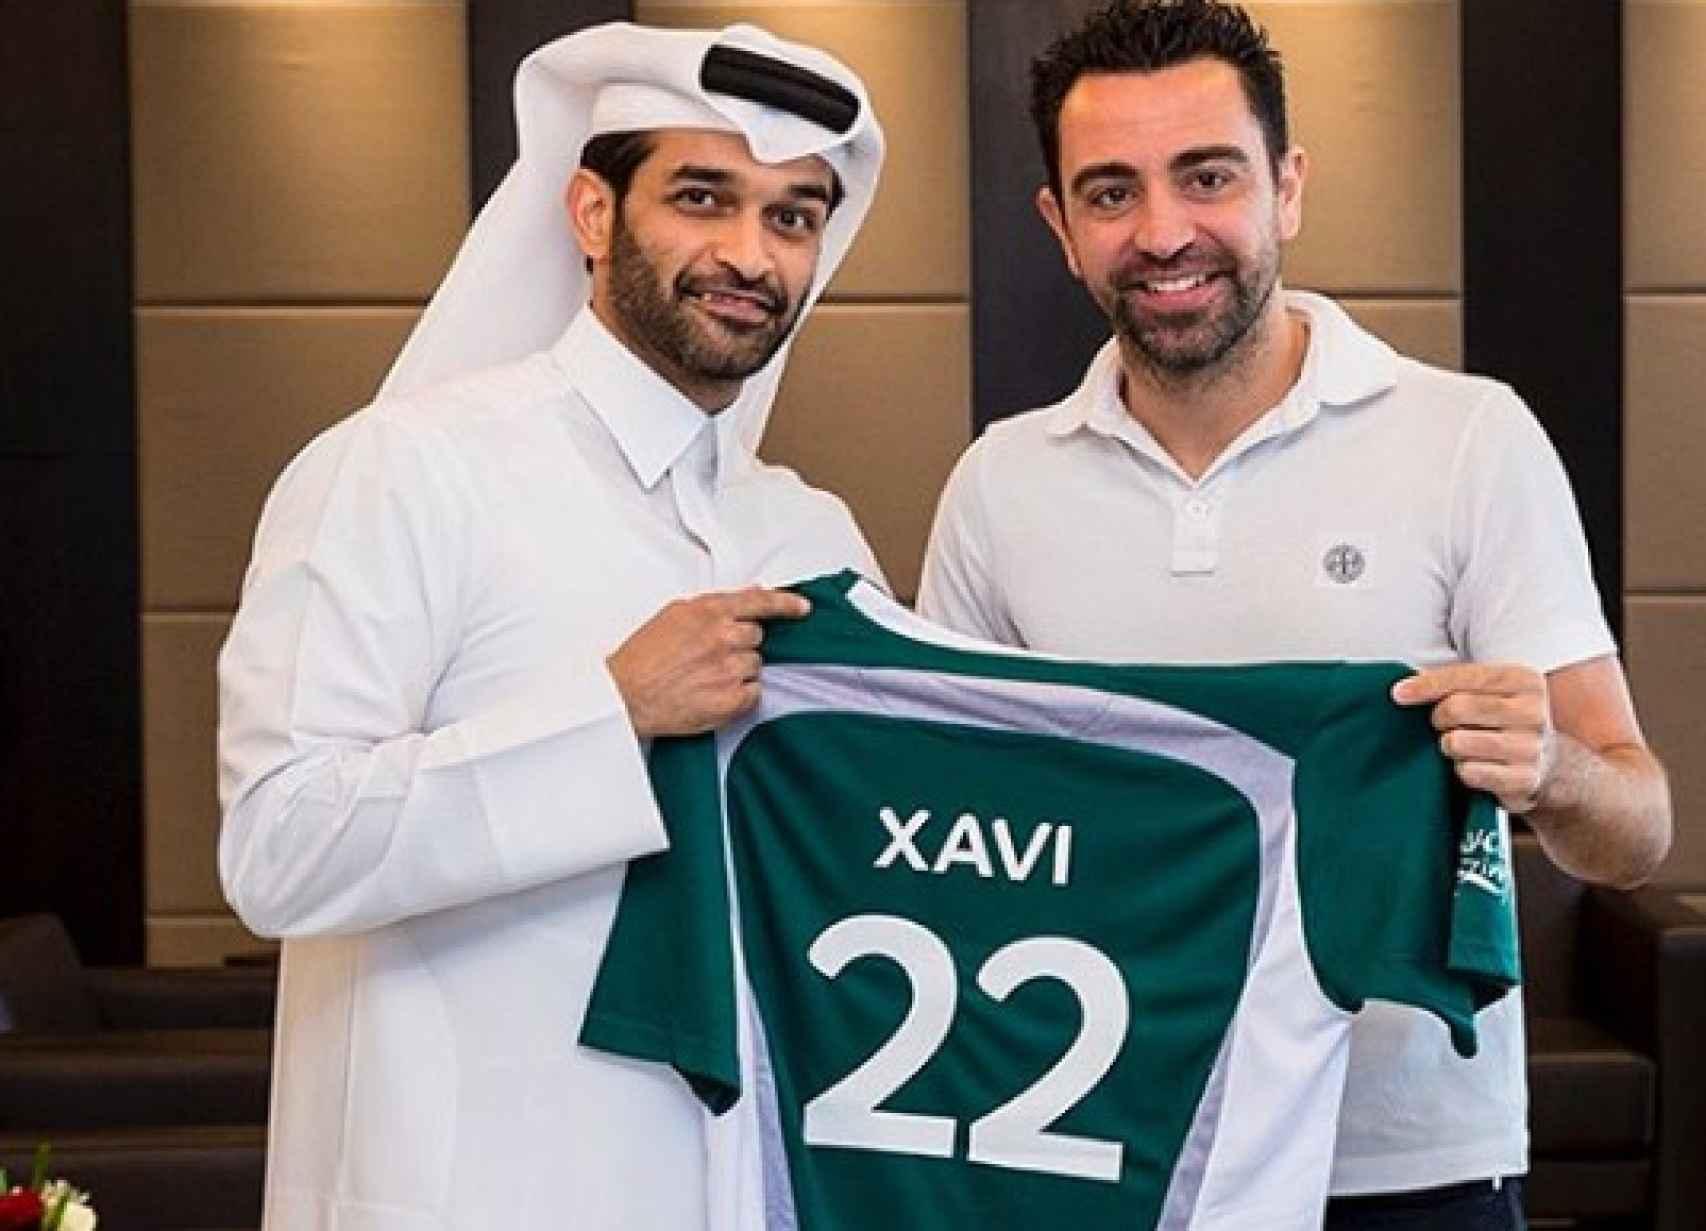 Xavi renovando como embajador del polémico mundial de Qatar de 2022.